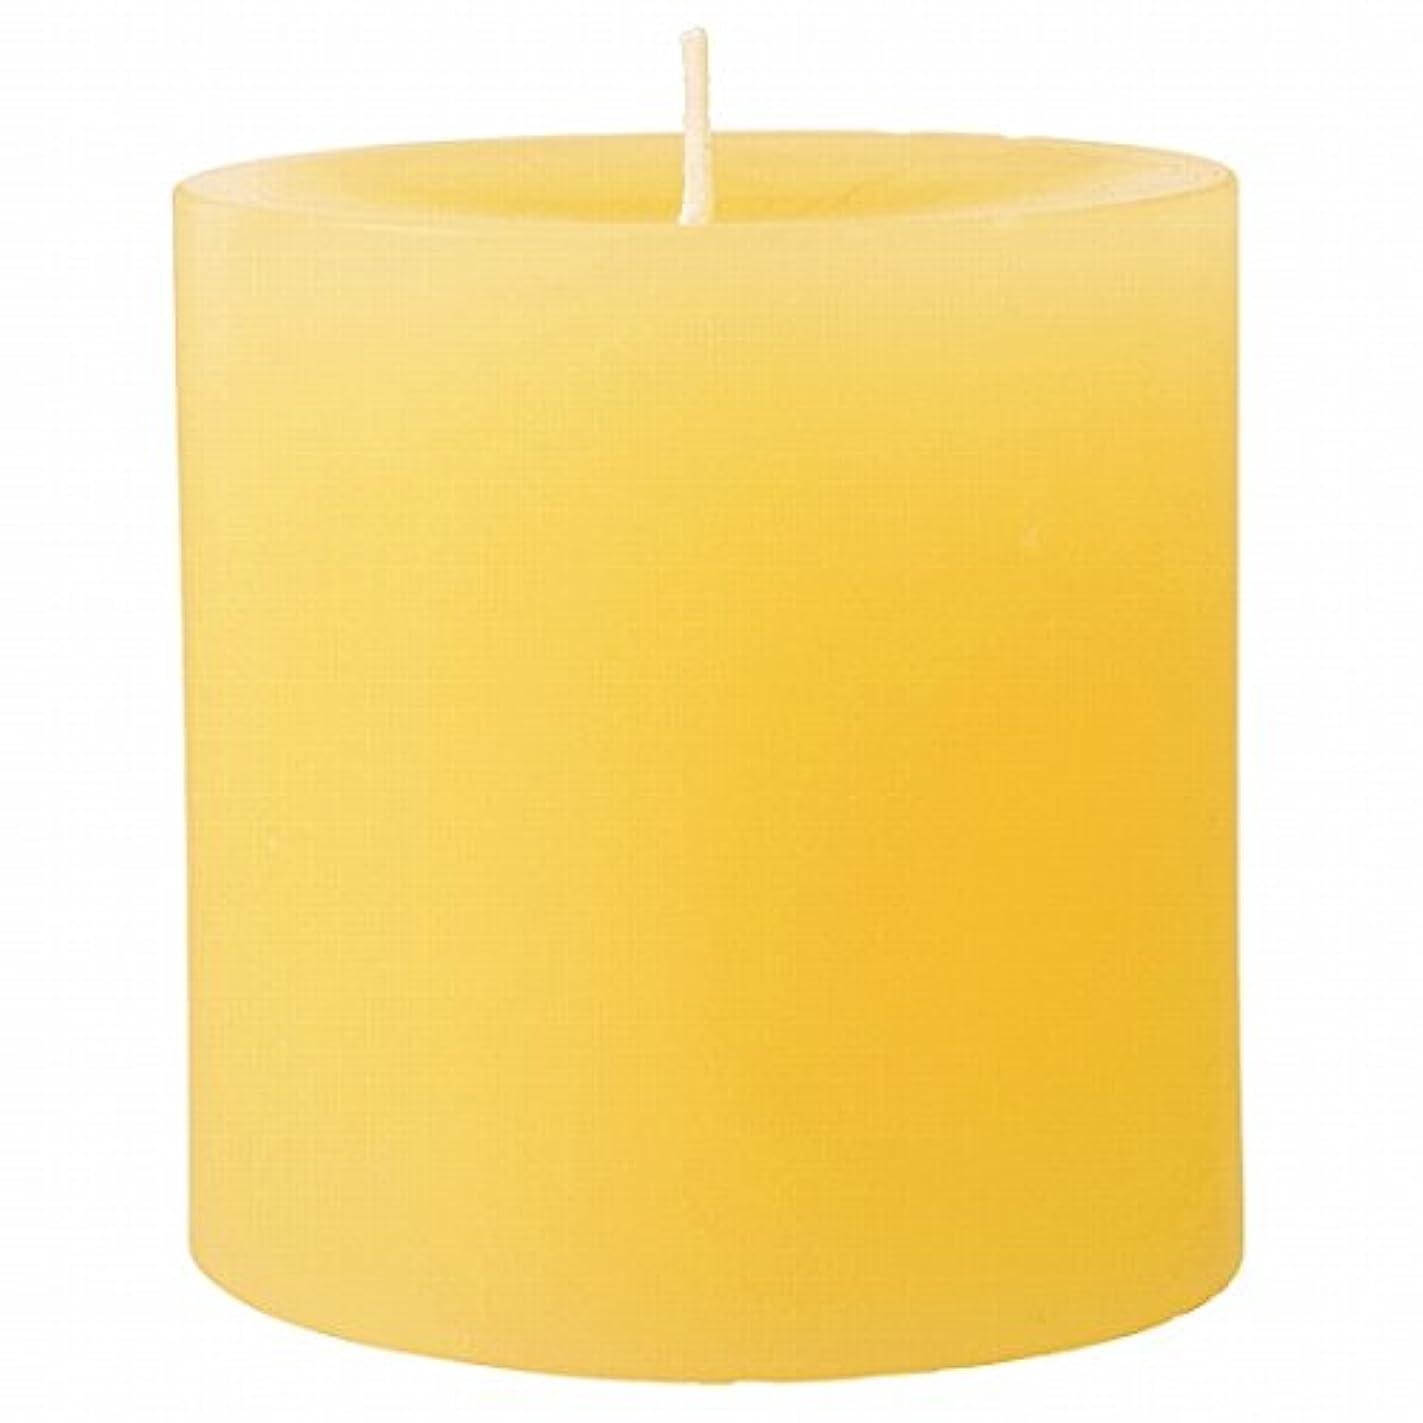 七時半ガラス狂ったカメヤマキャンドル(kameyama candle) 75×75ピラーキャンドル 「 アイボリー 」